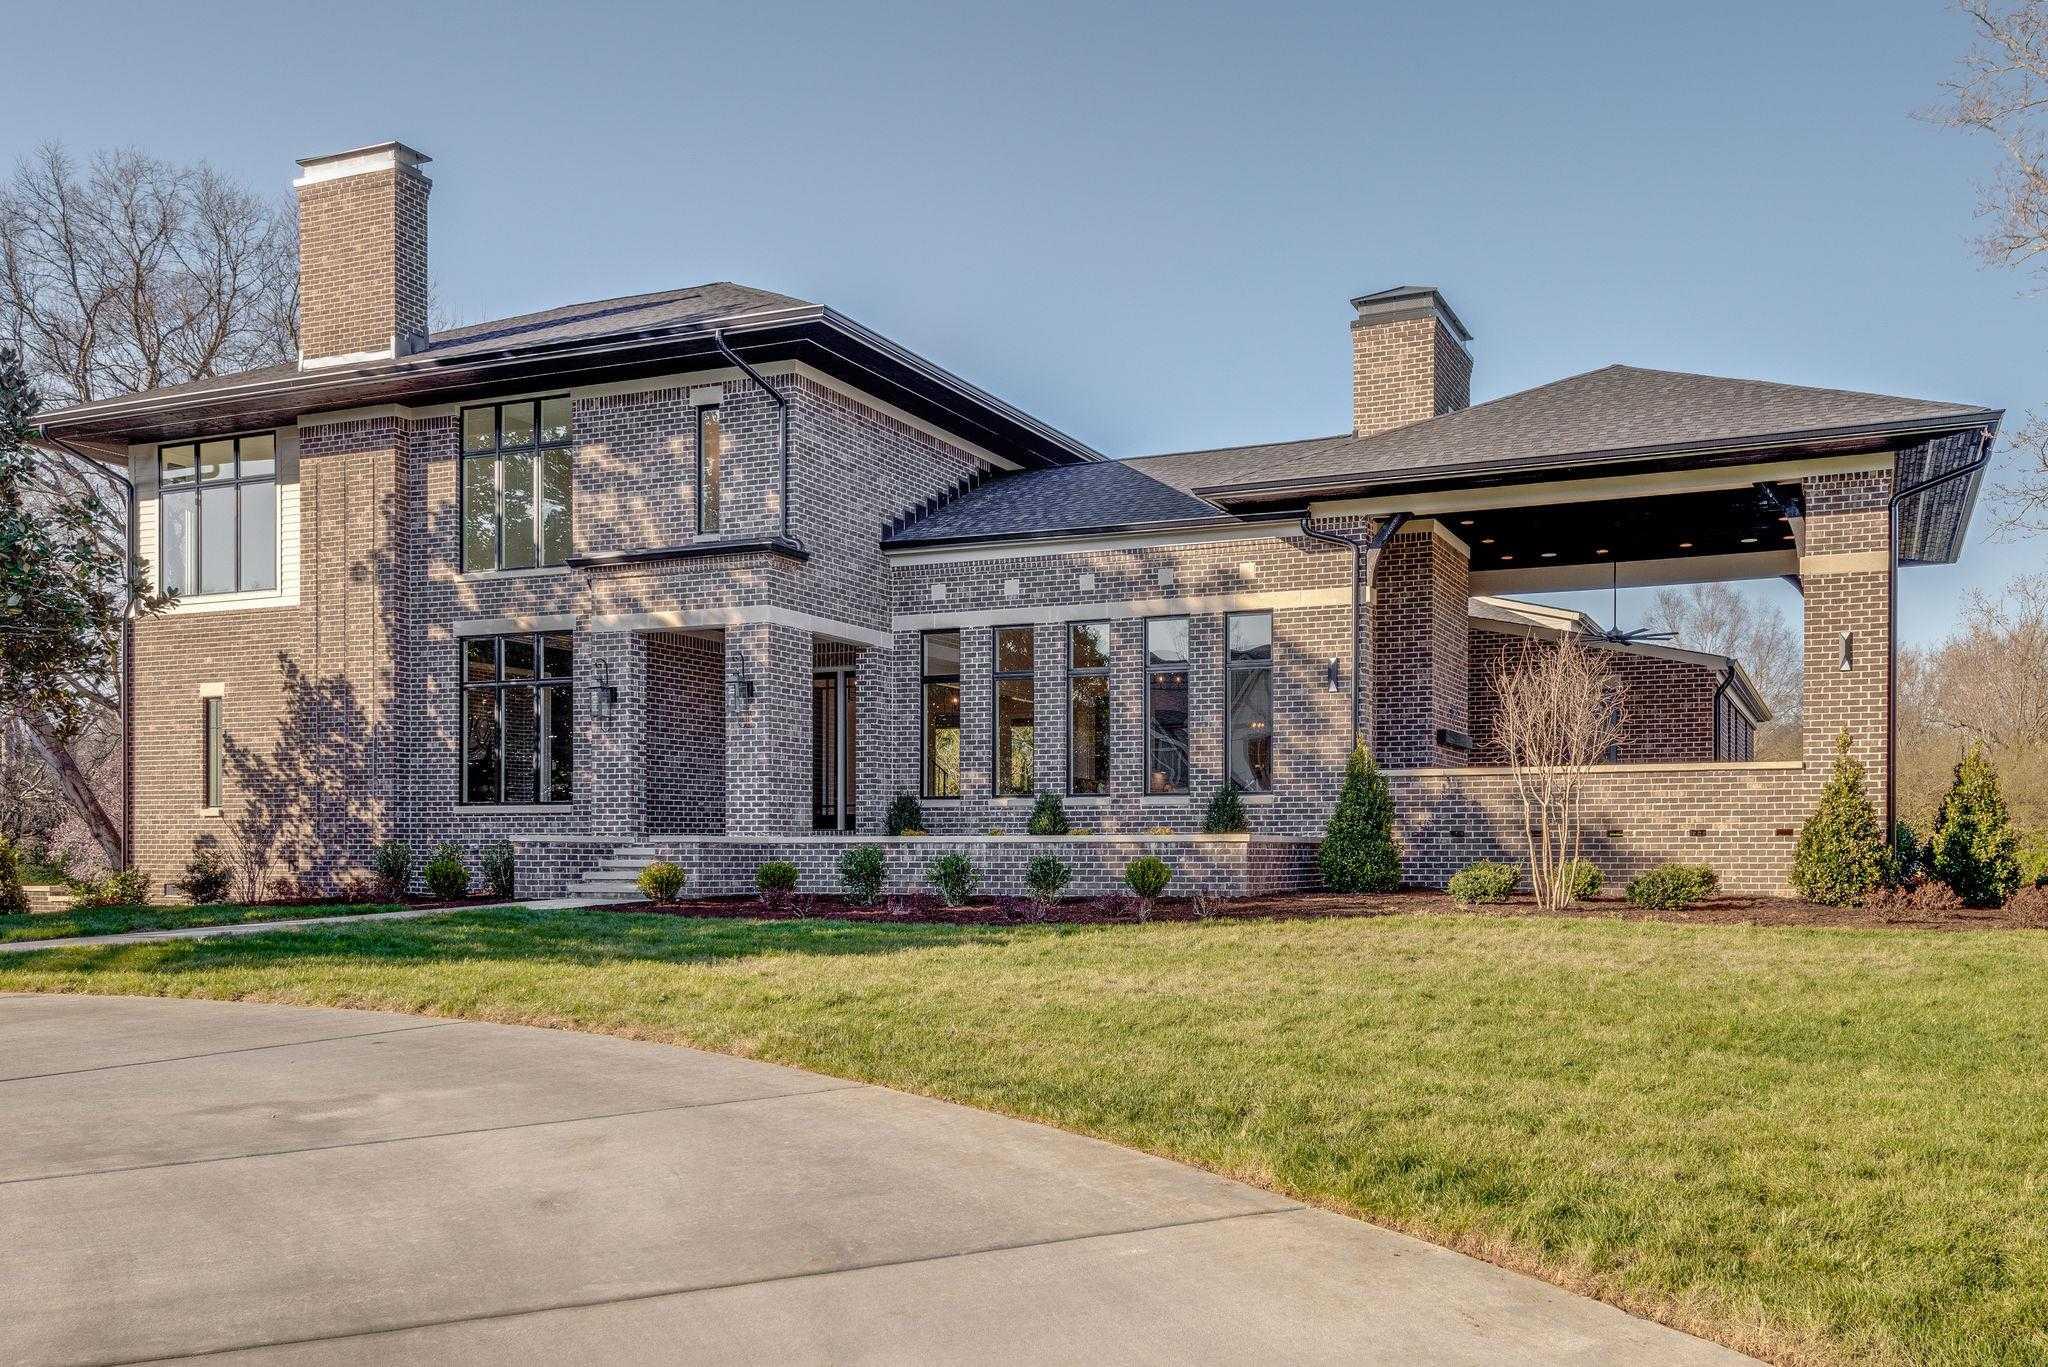 $1,799,999 - 5Br/6Ba -  for Sale in Harding Park, Nashville